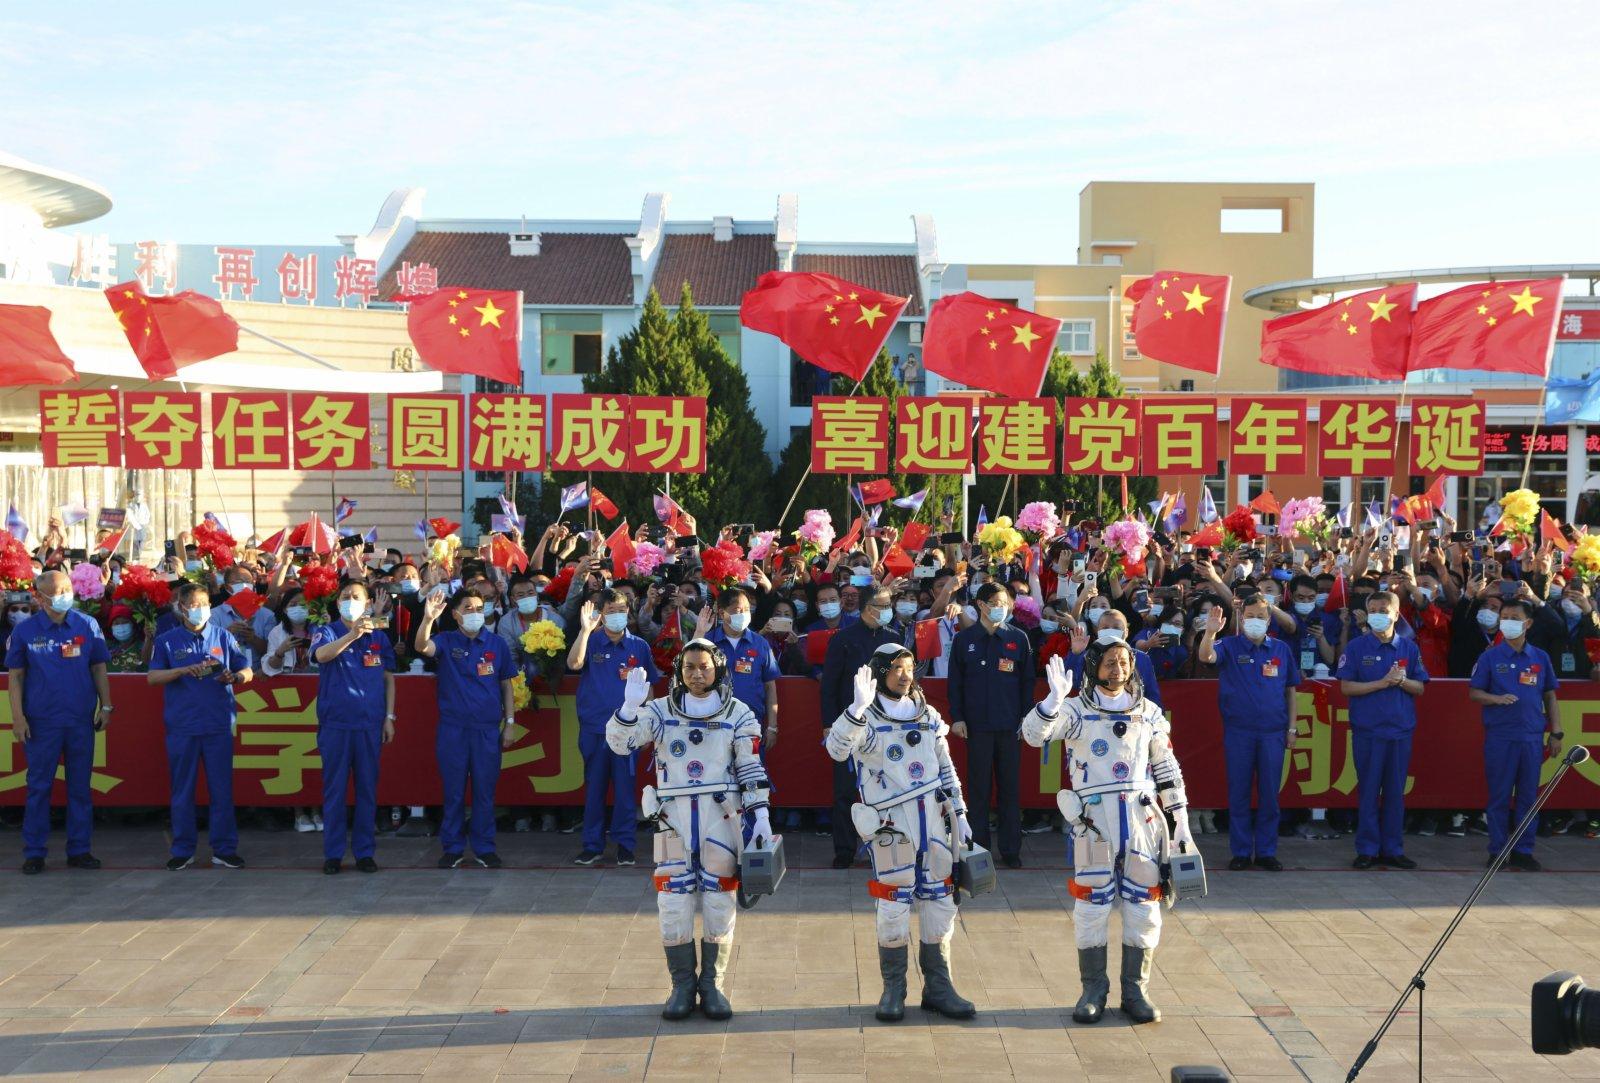 6月17日,神舟十二號航天員出征儀式在酒泉衛星發射中心舉行。這是航天員聶海勝(右)、劉伯明(中)和湯洪波在出徵儀式上揮手。新華社